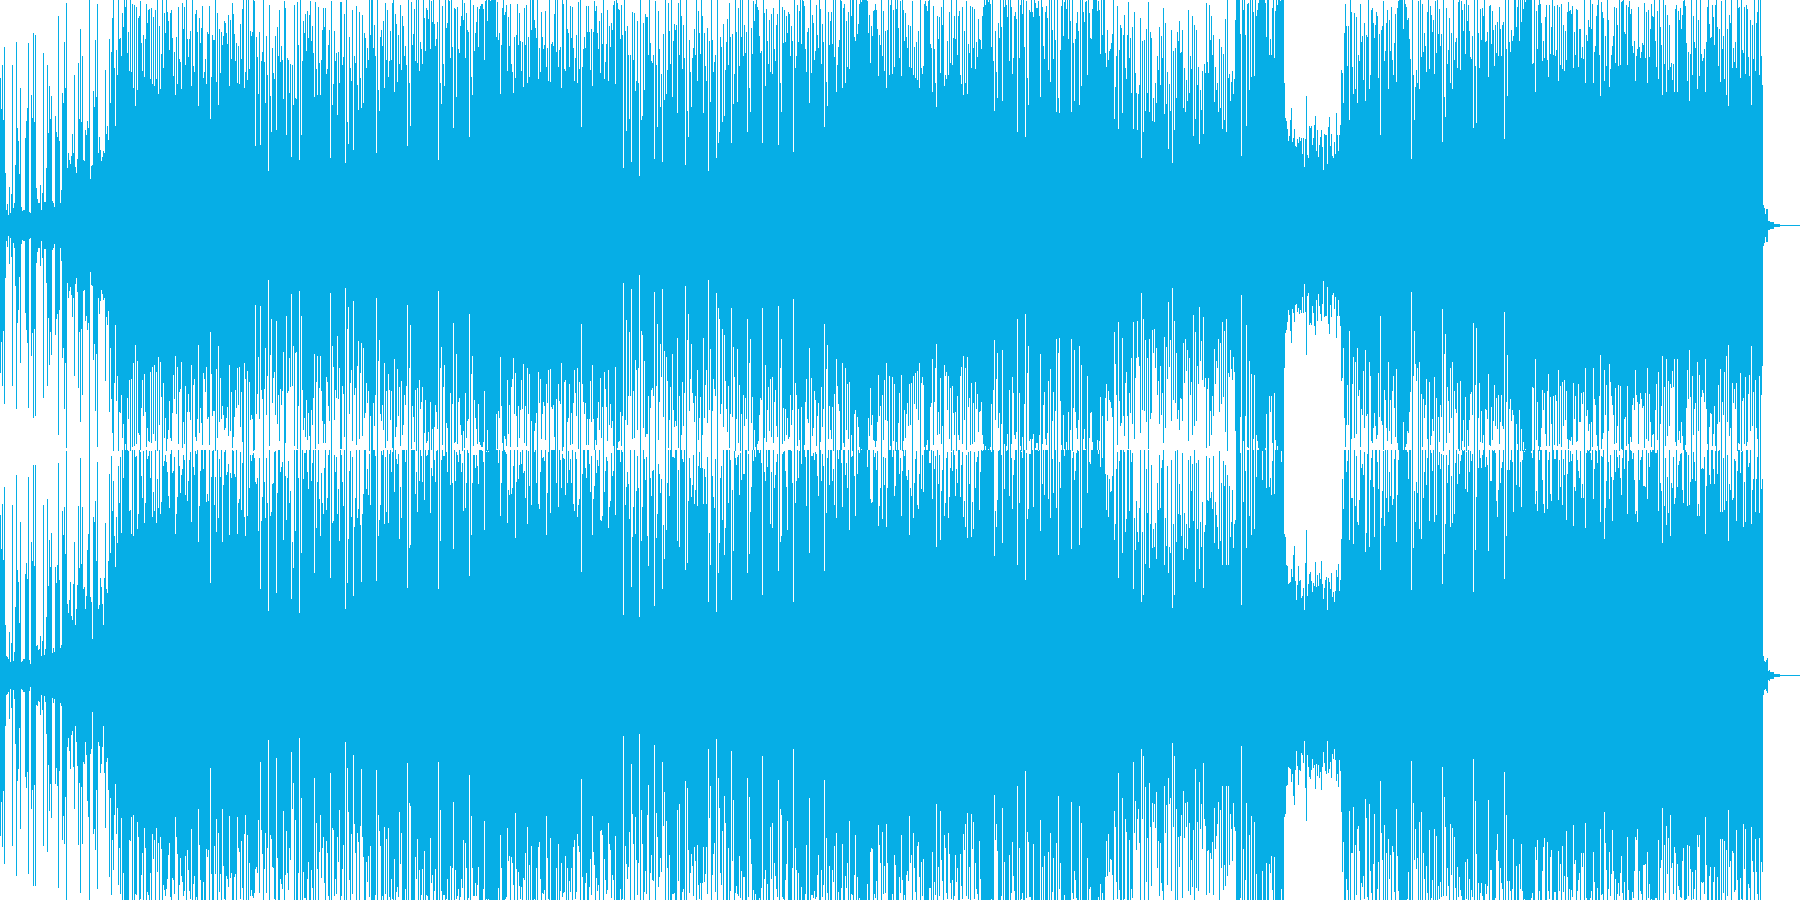 テクノポップ風のJ-Popの再生済みの波形